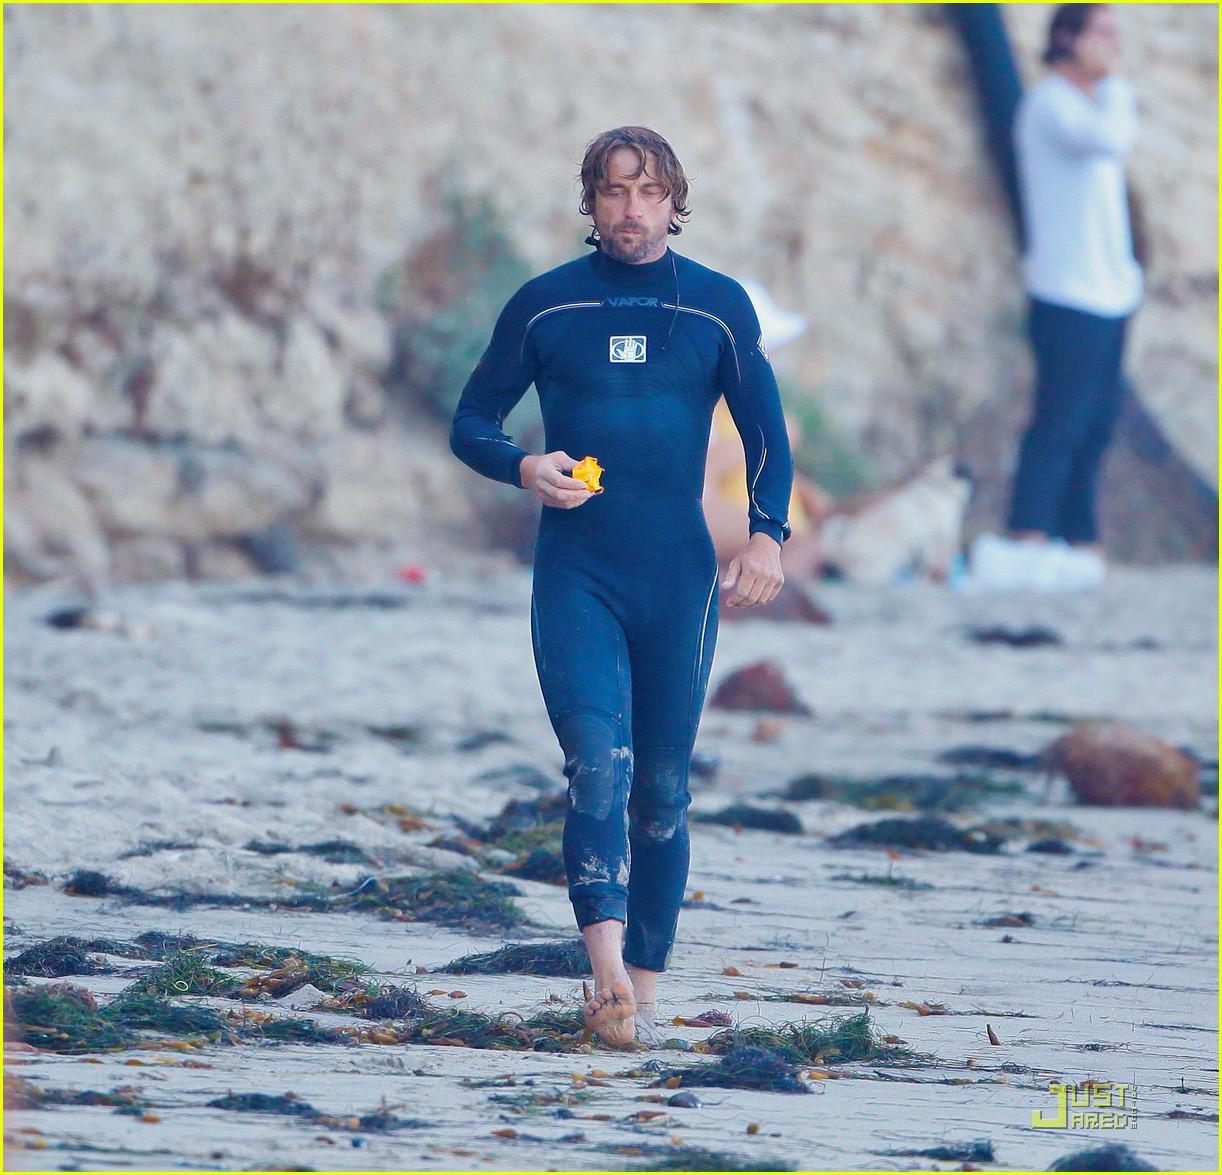 http://4.bp.blogspot.com/-ZHBsgPytnl0/TgqlKzItmcI/AAAAAAAAFS4/TbtpxHwzUT4/s1600/gerard-butler-atm-stop-after-surfing-03.jpg